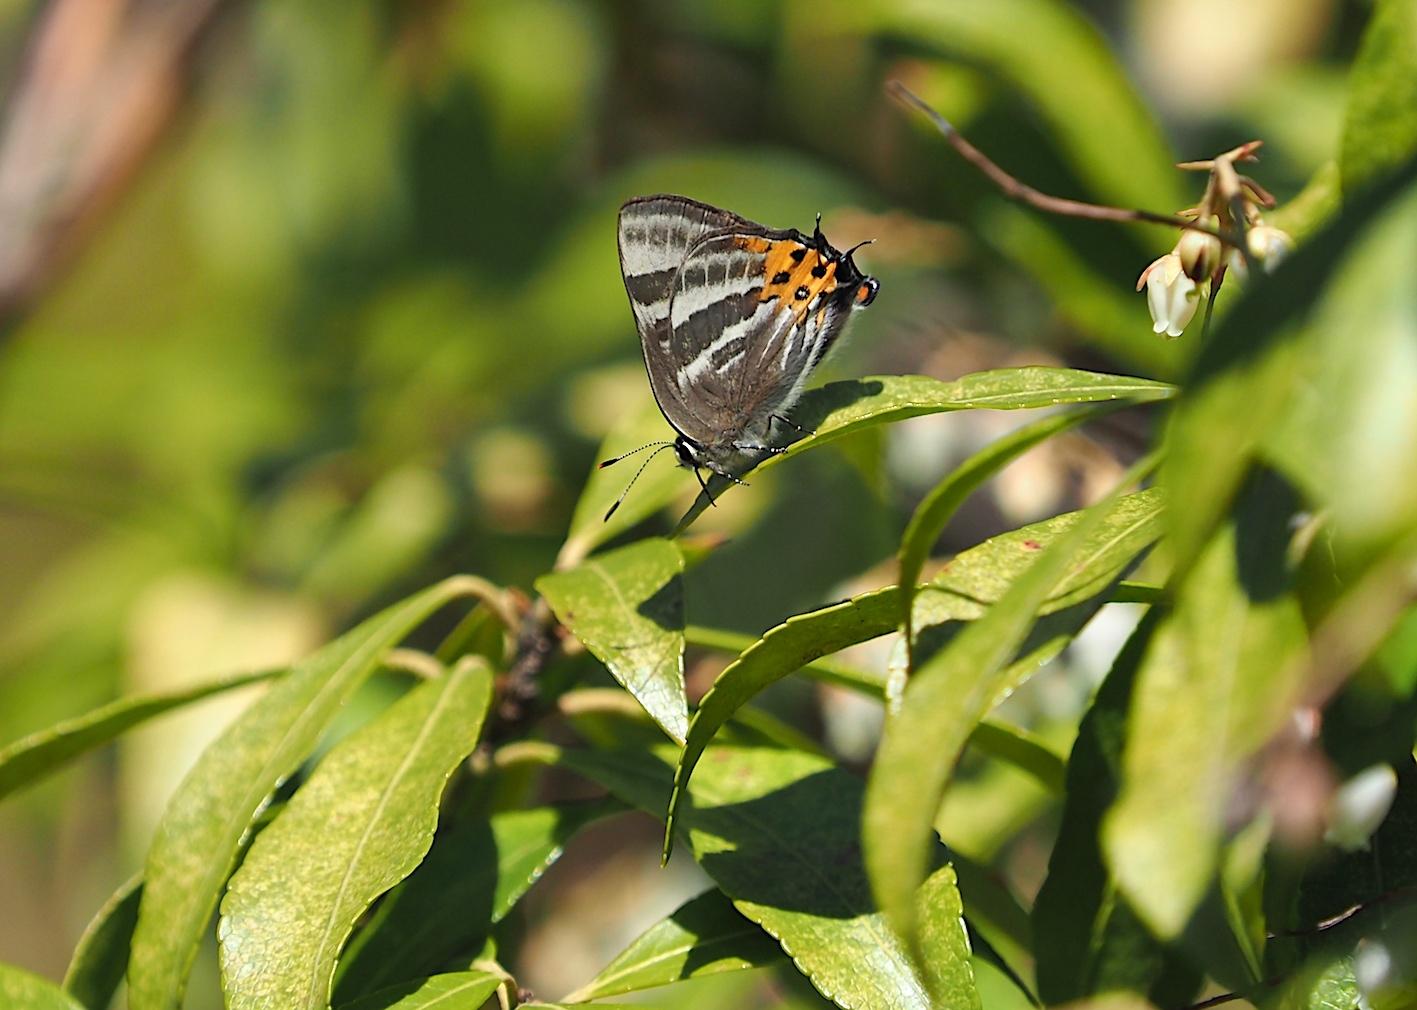 越冬蝶2種と新生蝶4種(2021年3月23日)_d0303129_10145541.jpg